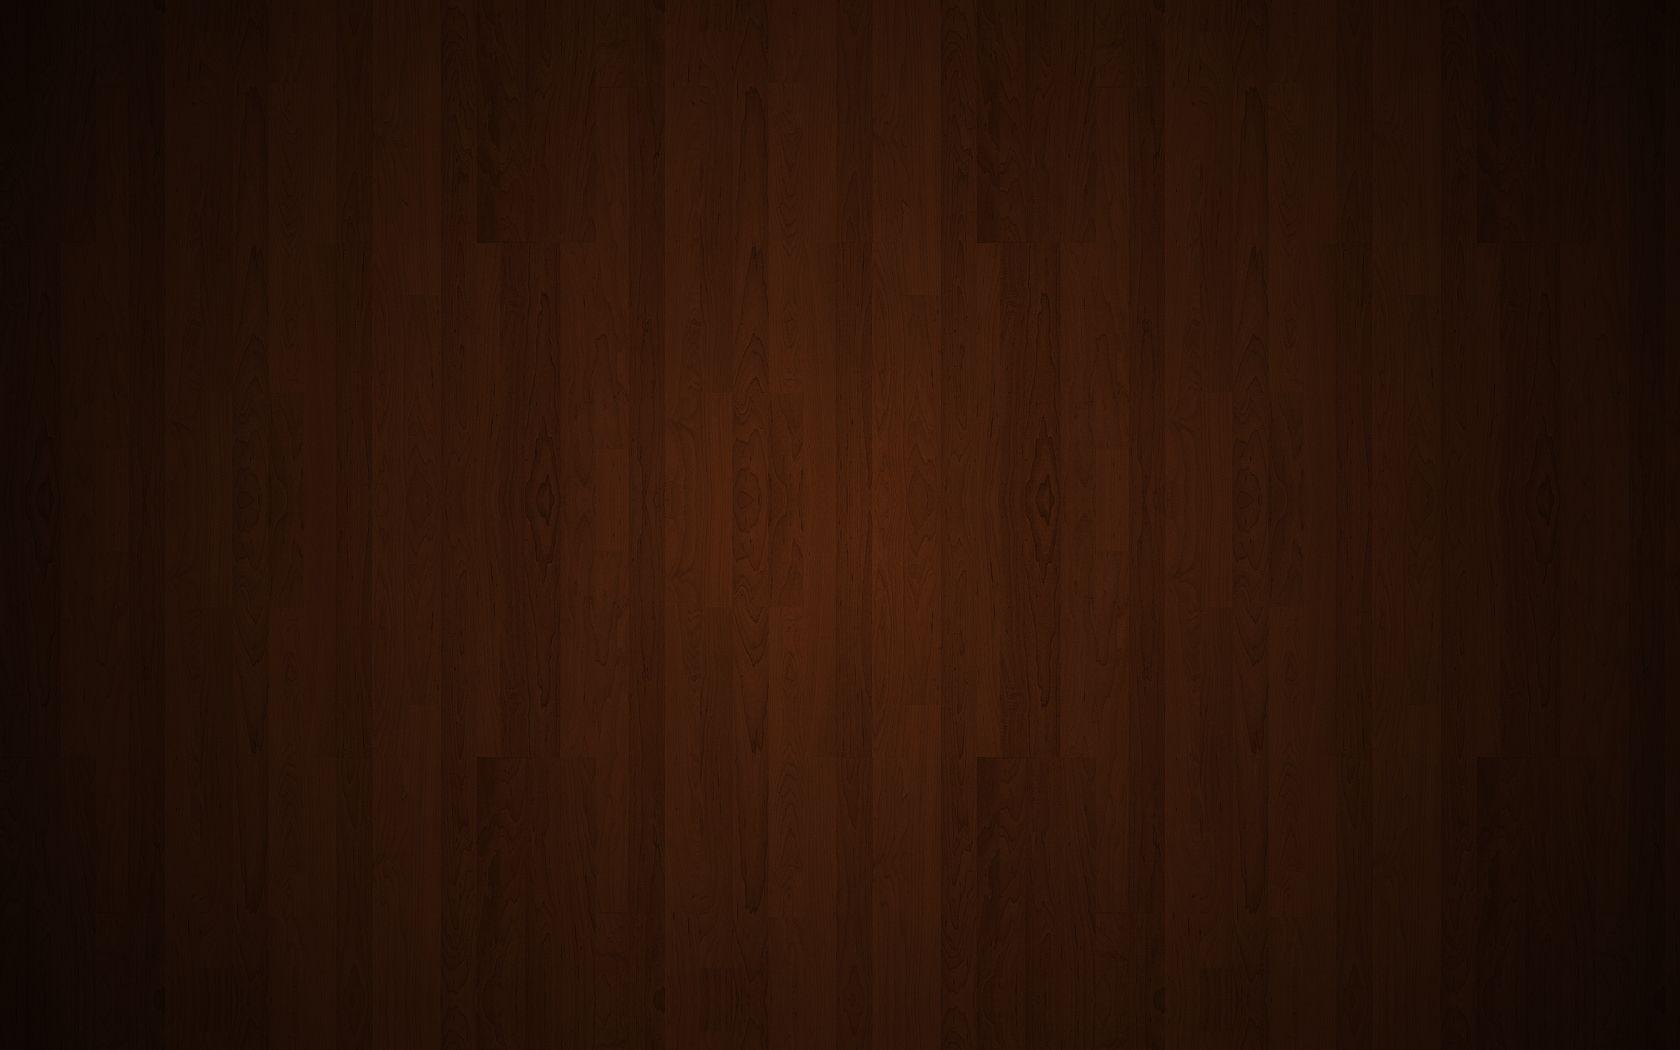 Pin by sarah kroskrity on ceila in 2019 dark wood texture wood texture dark wood - Dark wood wallpaper ...